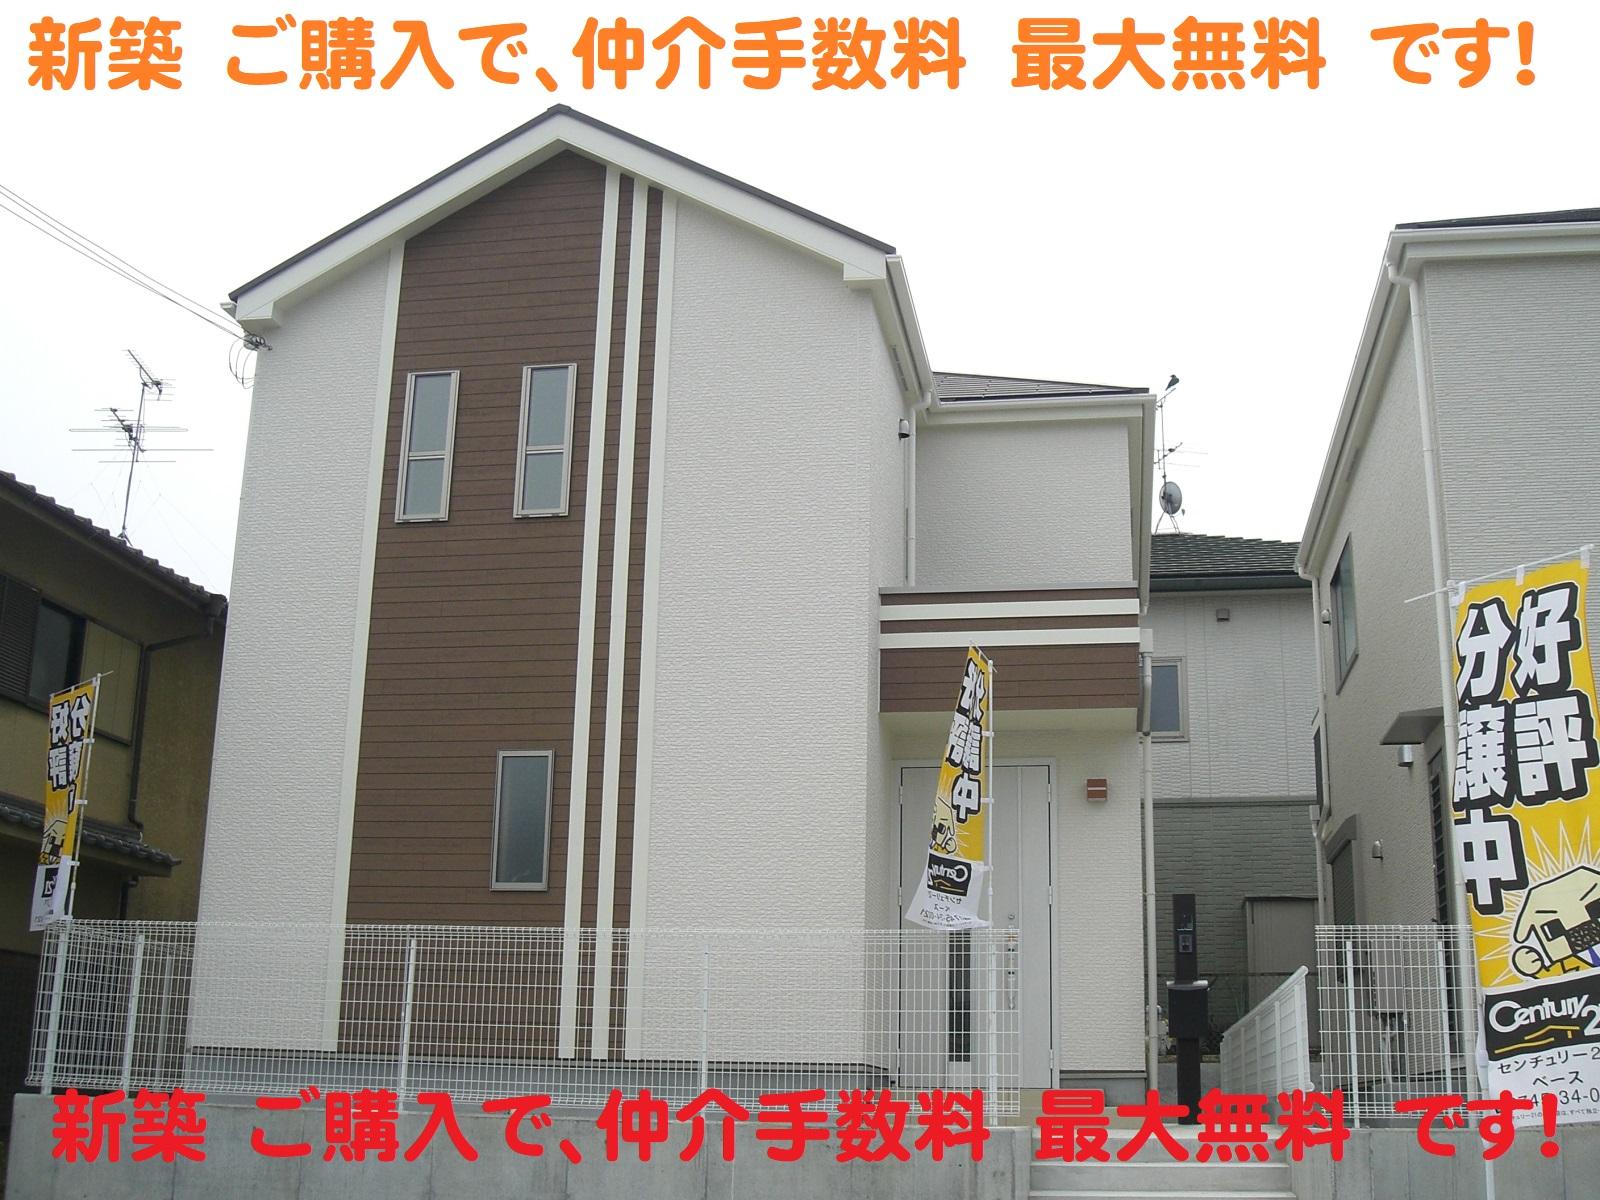 建物 飯田グループ オリエンタルホーム 完成モデルハウス ご案内できます!